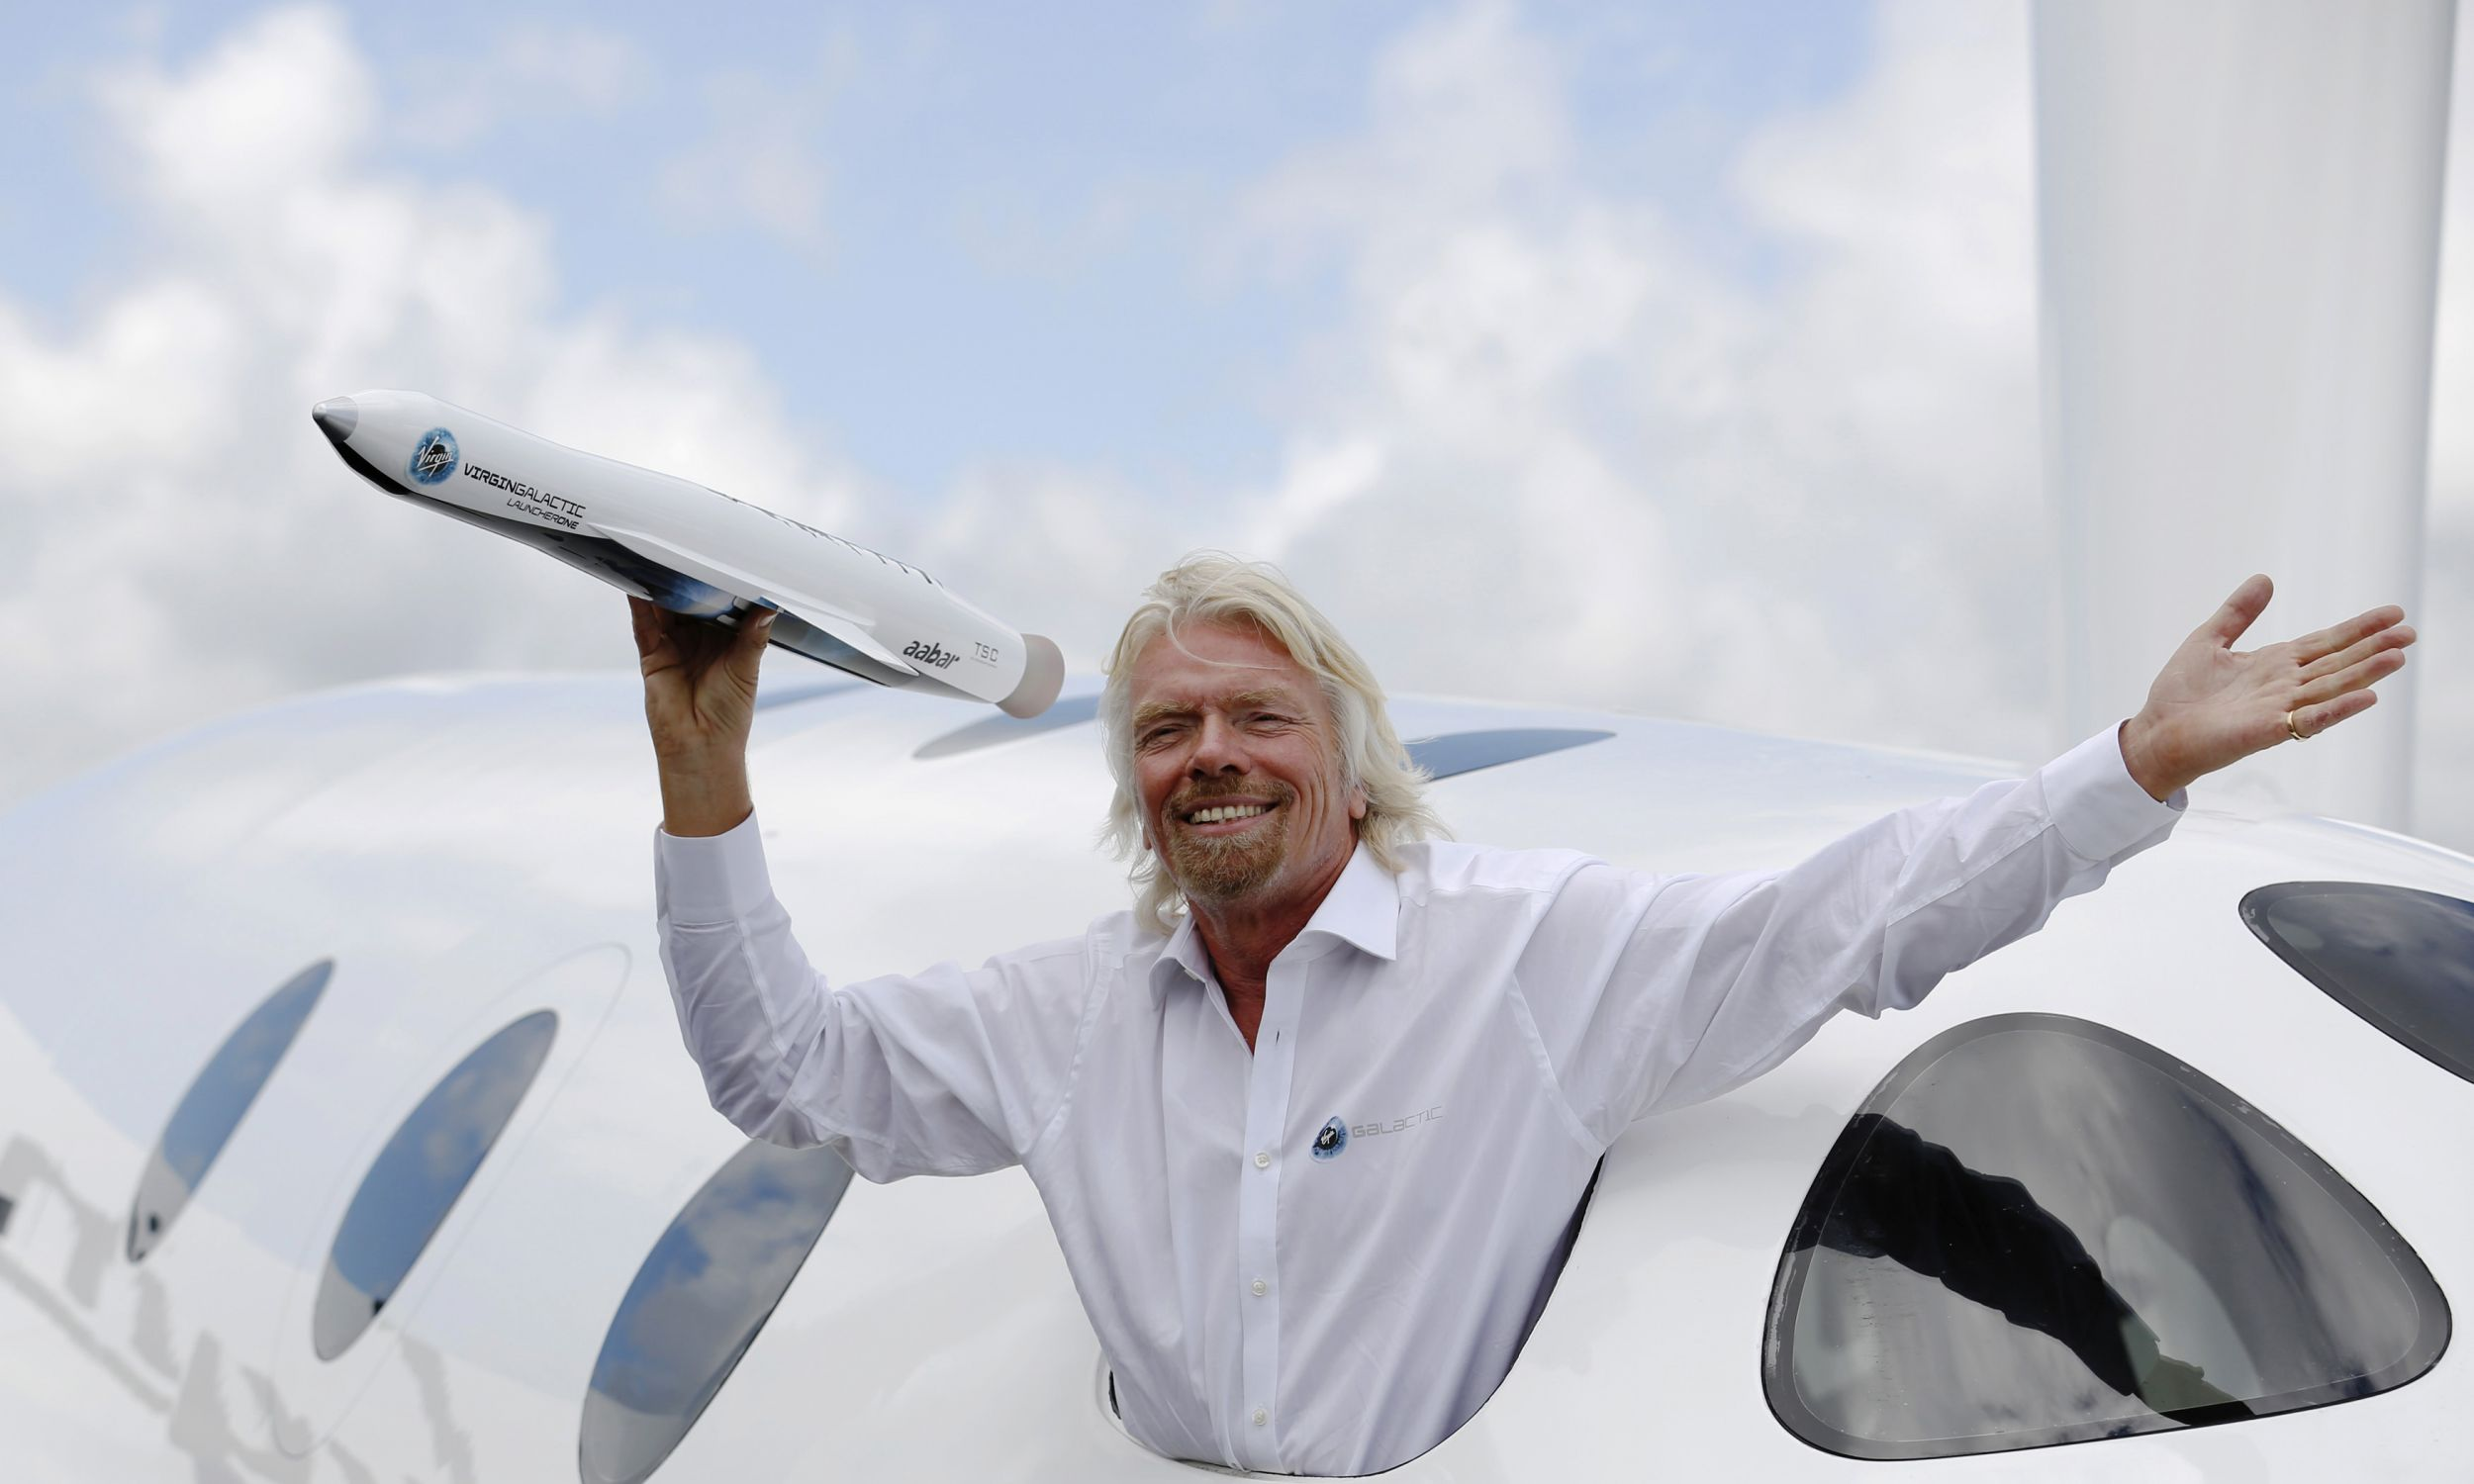 Richard Branson o podróżach w kosmos marzy nie od dziś. W 2012 roku na air show w Farnborough w południowej Anglii osobiście prezentował jeden z modeli swojego statku kosmicznego. Fot. Reuters//Luke MacGregor